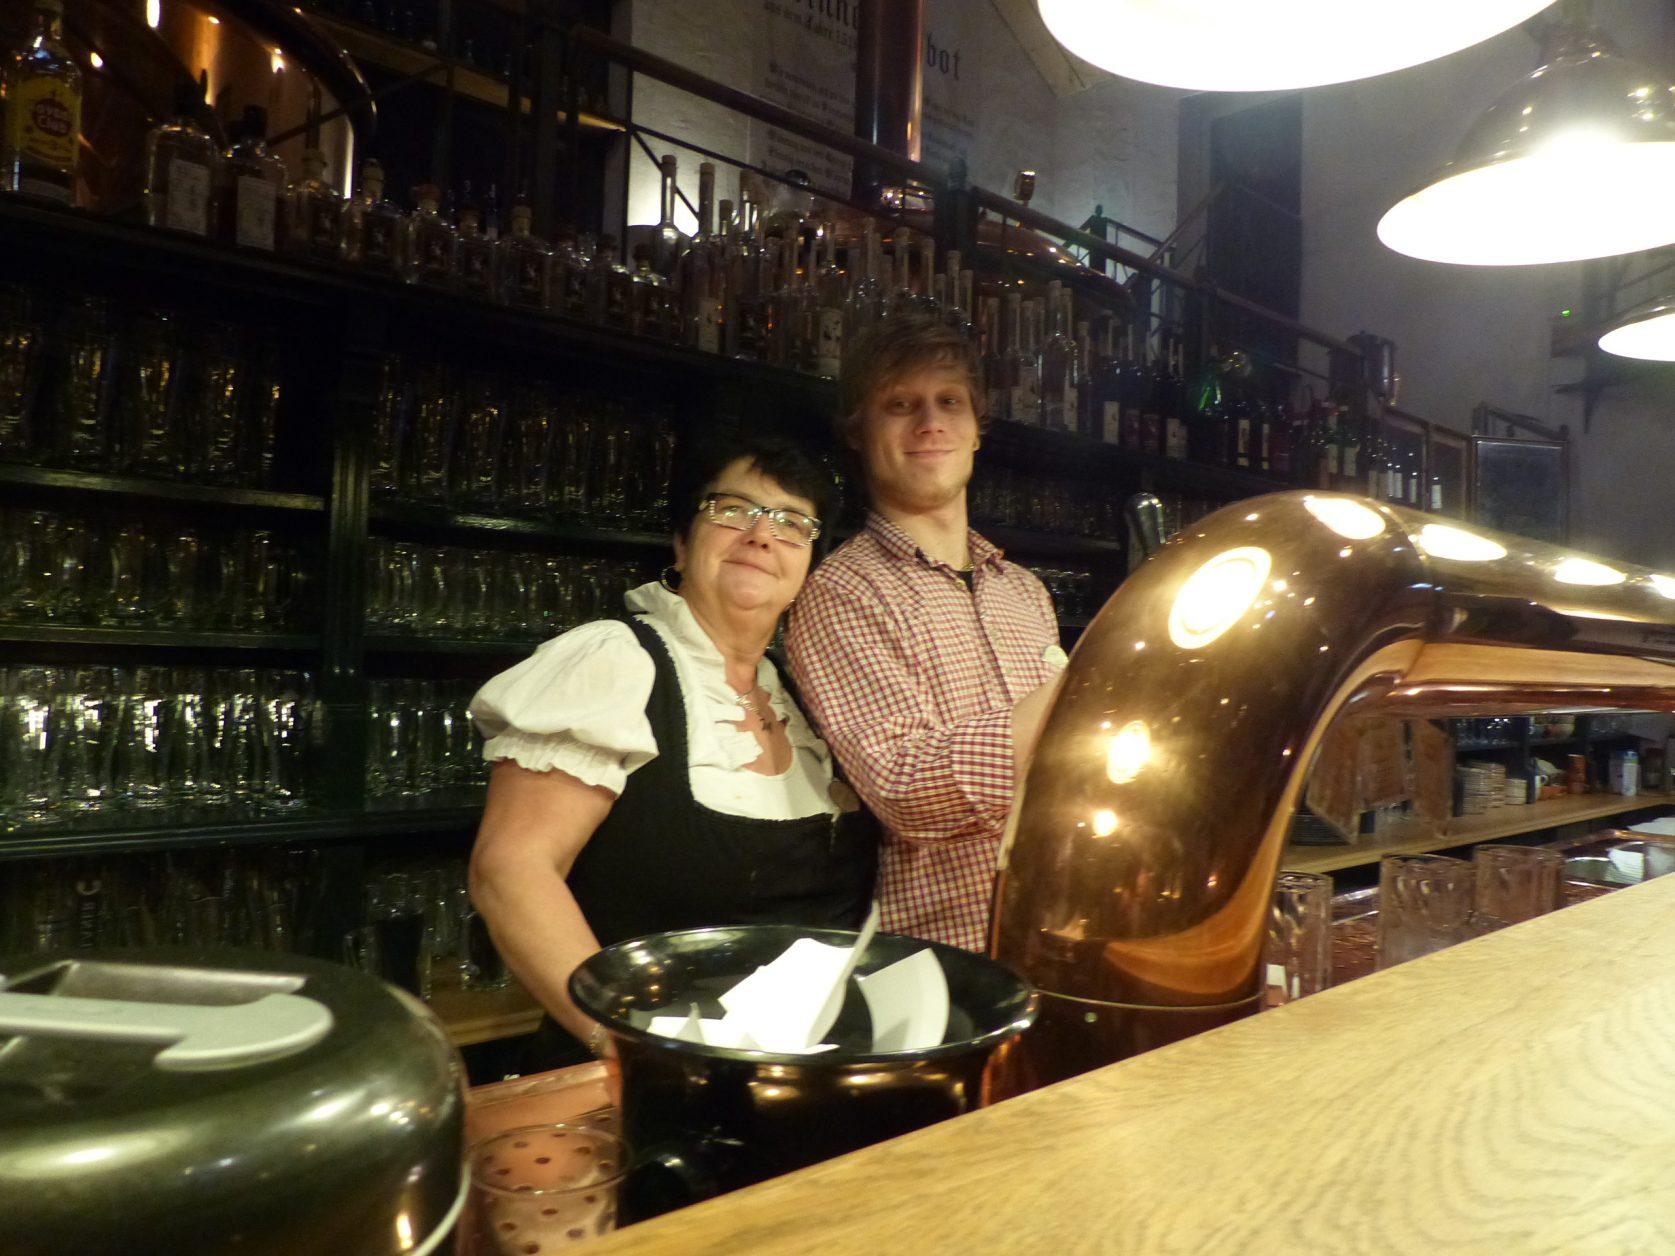 Carola und Marcell bedienen die Gäste im Brauhaus von Seinerzeit, Foto: D.Weirauch